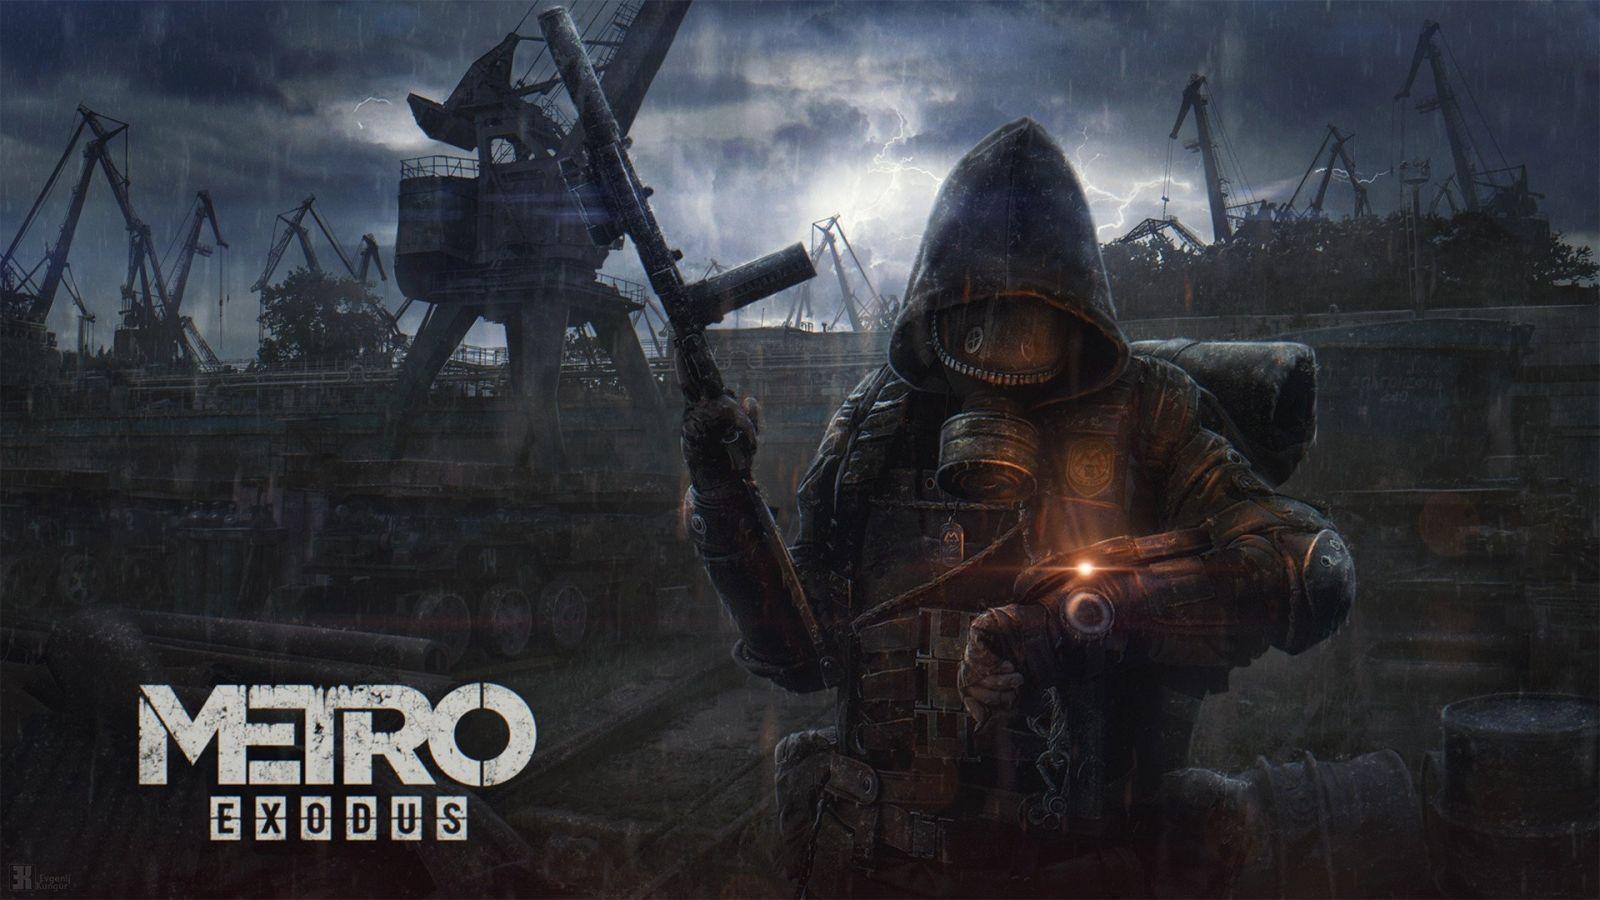 В магазине игр Epic Store Games началась весенняя распродажа (metro exodus 4a games metro exodus art artiom)